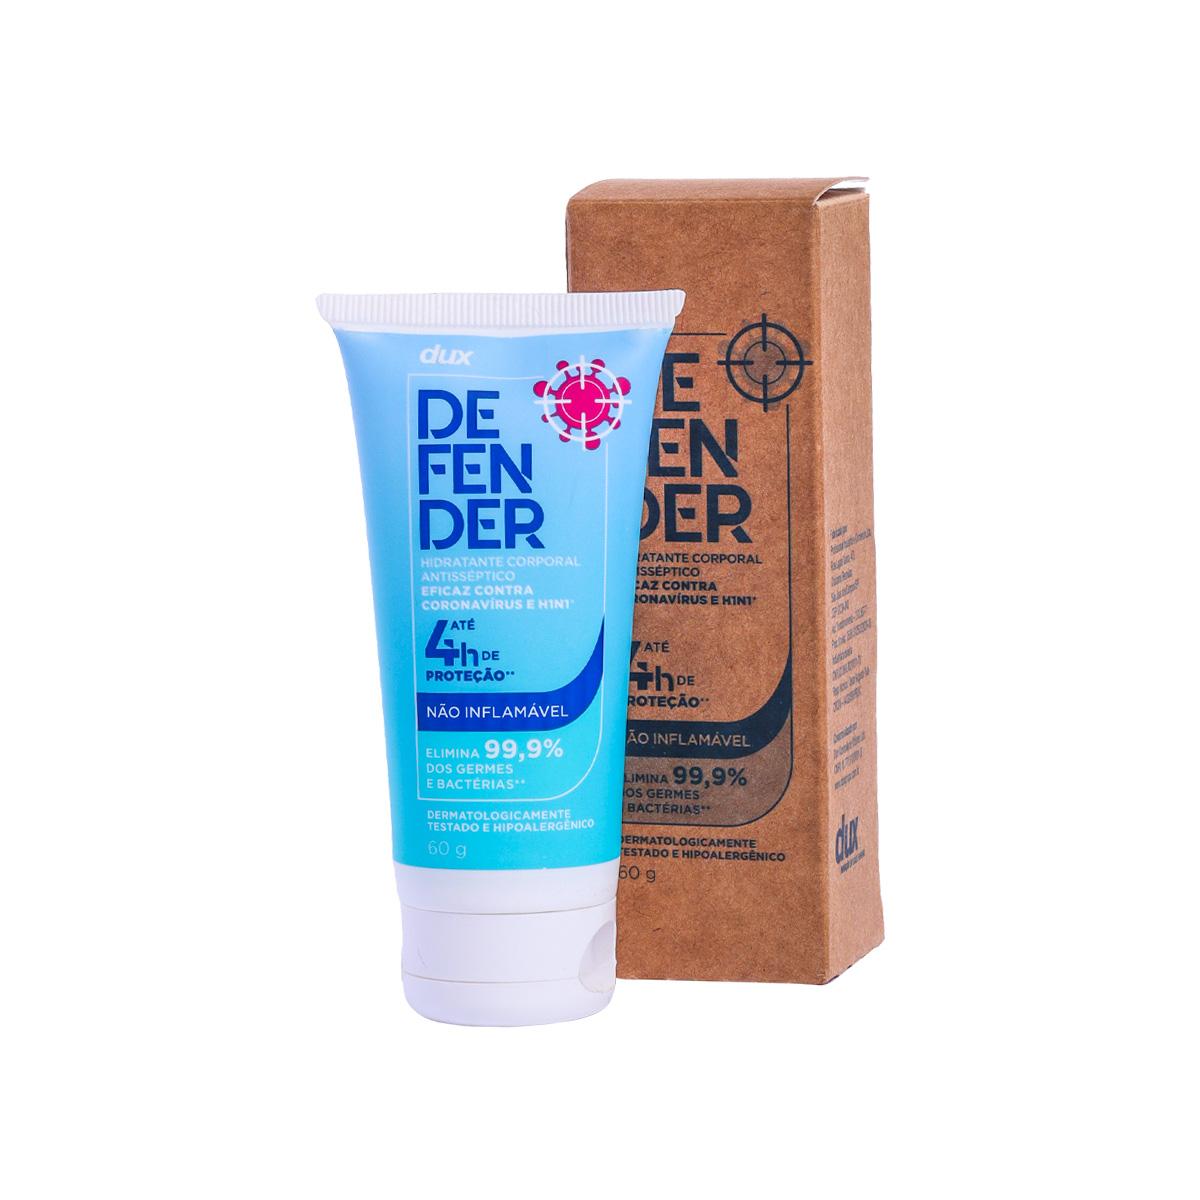 Dux Defender Hidratante Antisseptico 60g